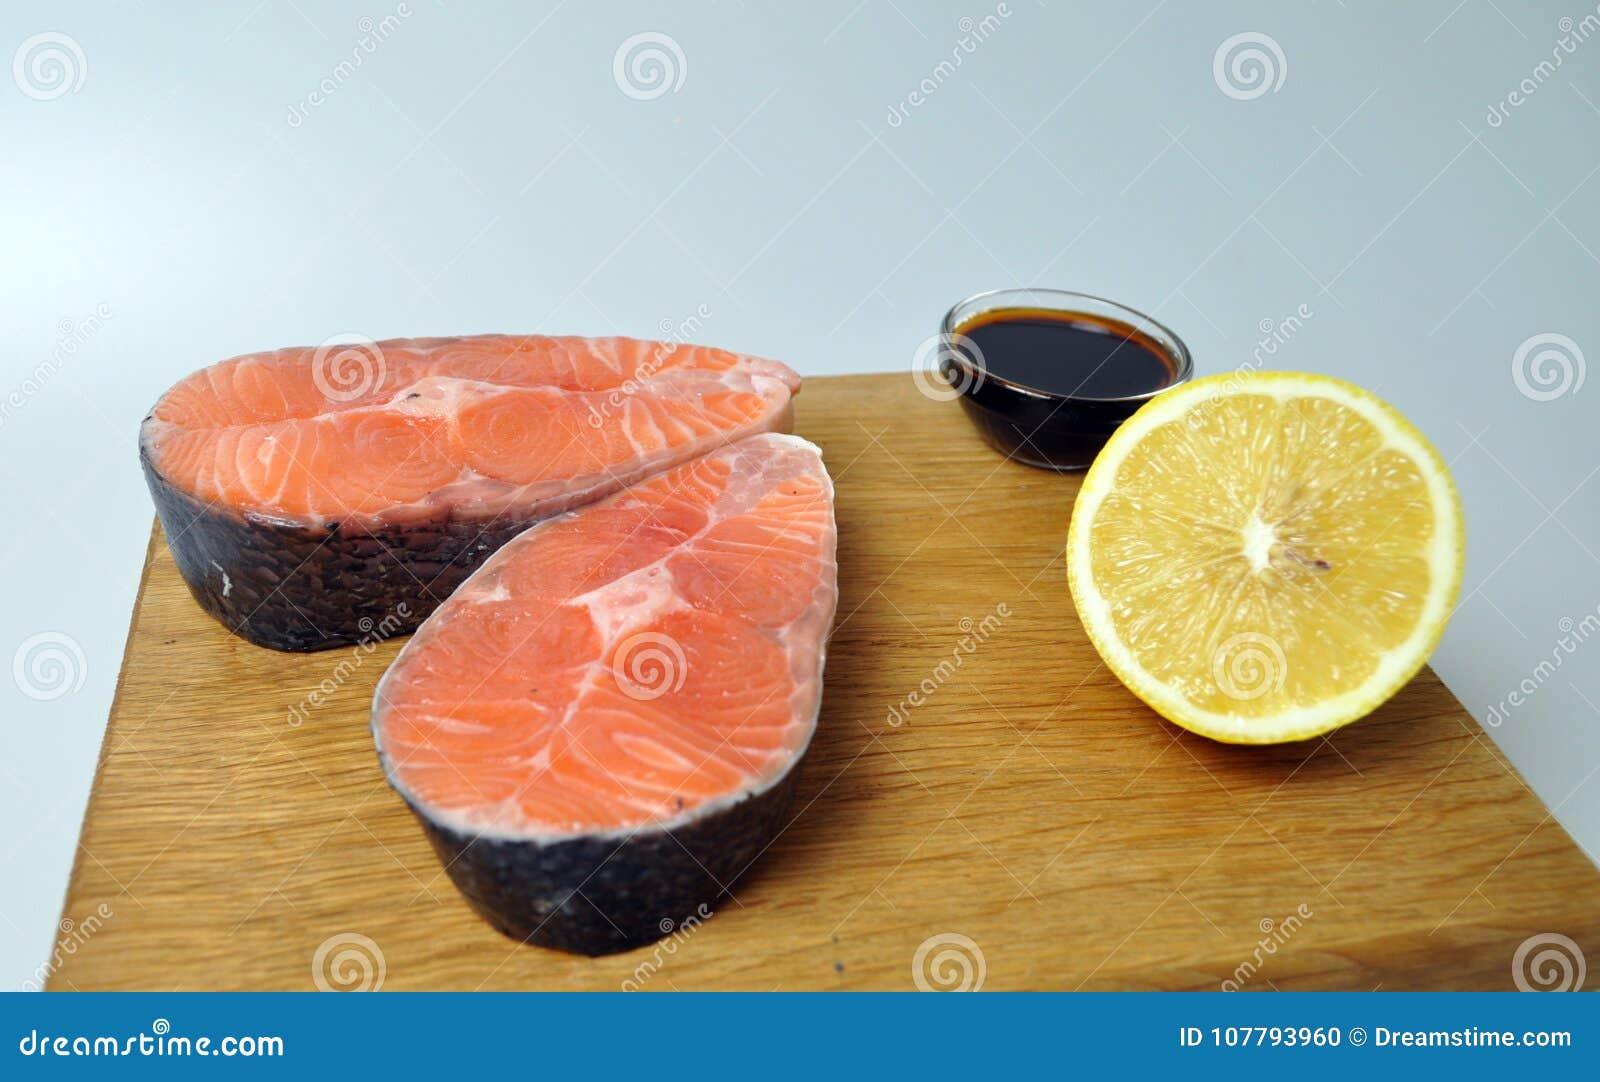 Biffar från röd fisk med citronen och sås